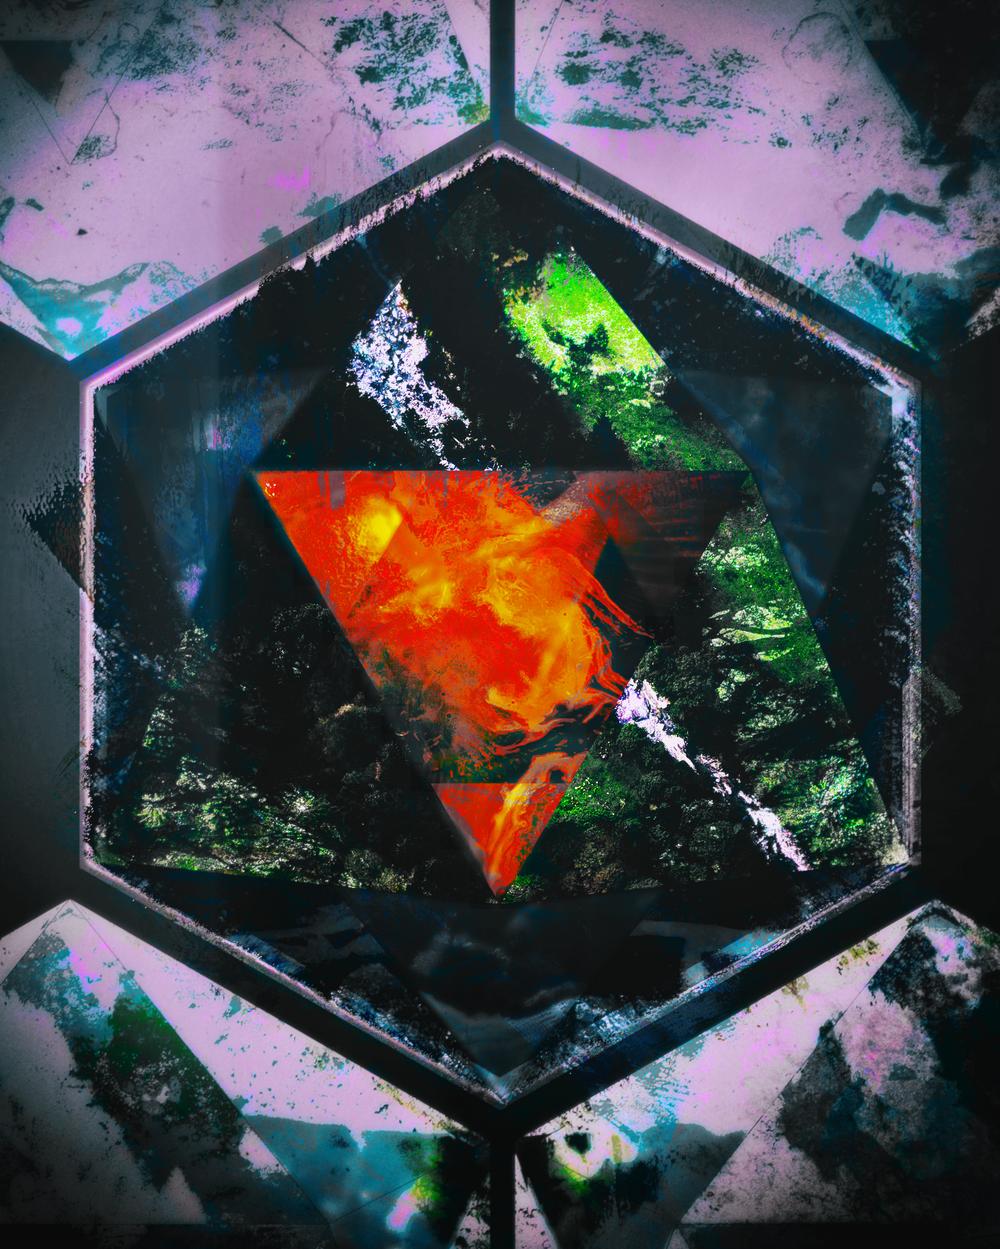 Icosahedron - 23-07-18